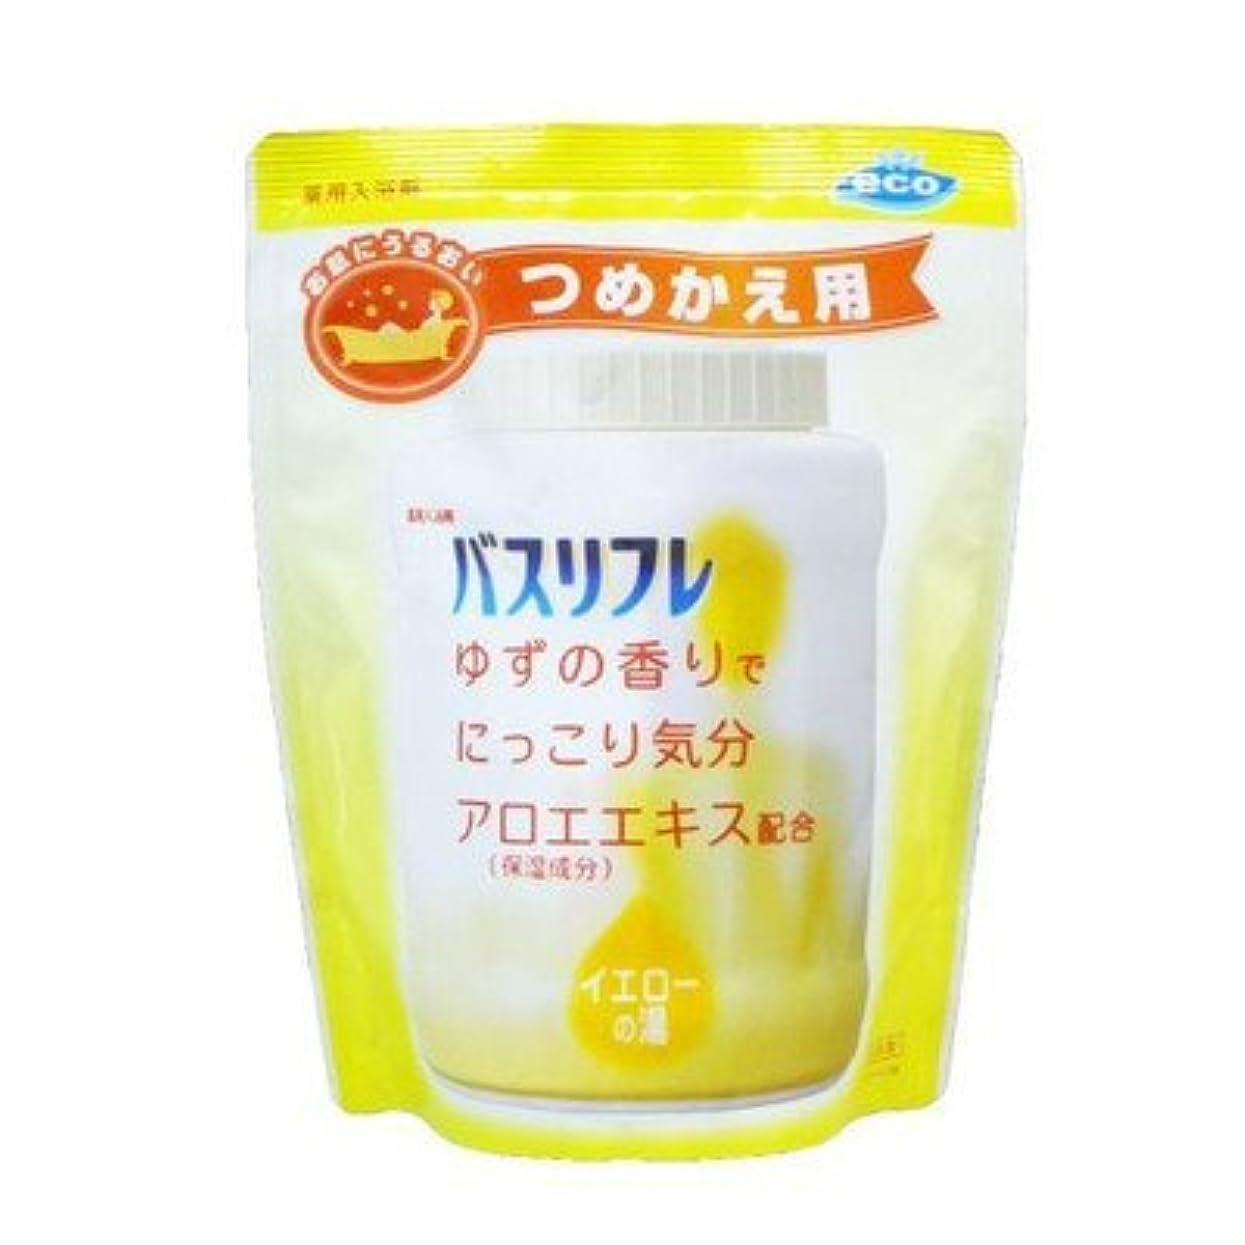 私たち食い違い驚くべき薬用入浴剤 バスリフレ イエローの湯 つめかえ用 540g ゆずの香り (ライオンケミカル) Japan